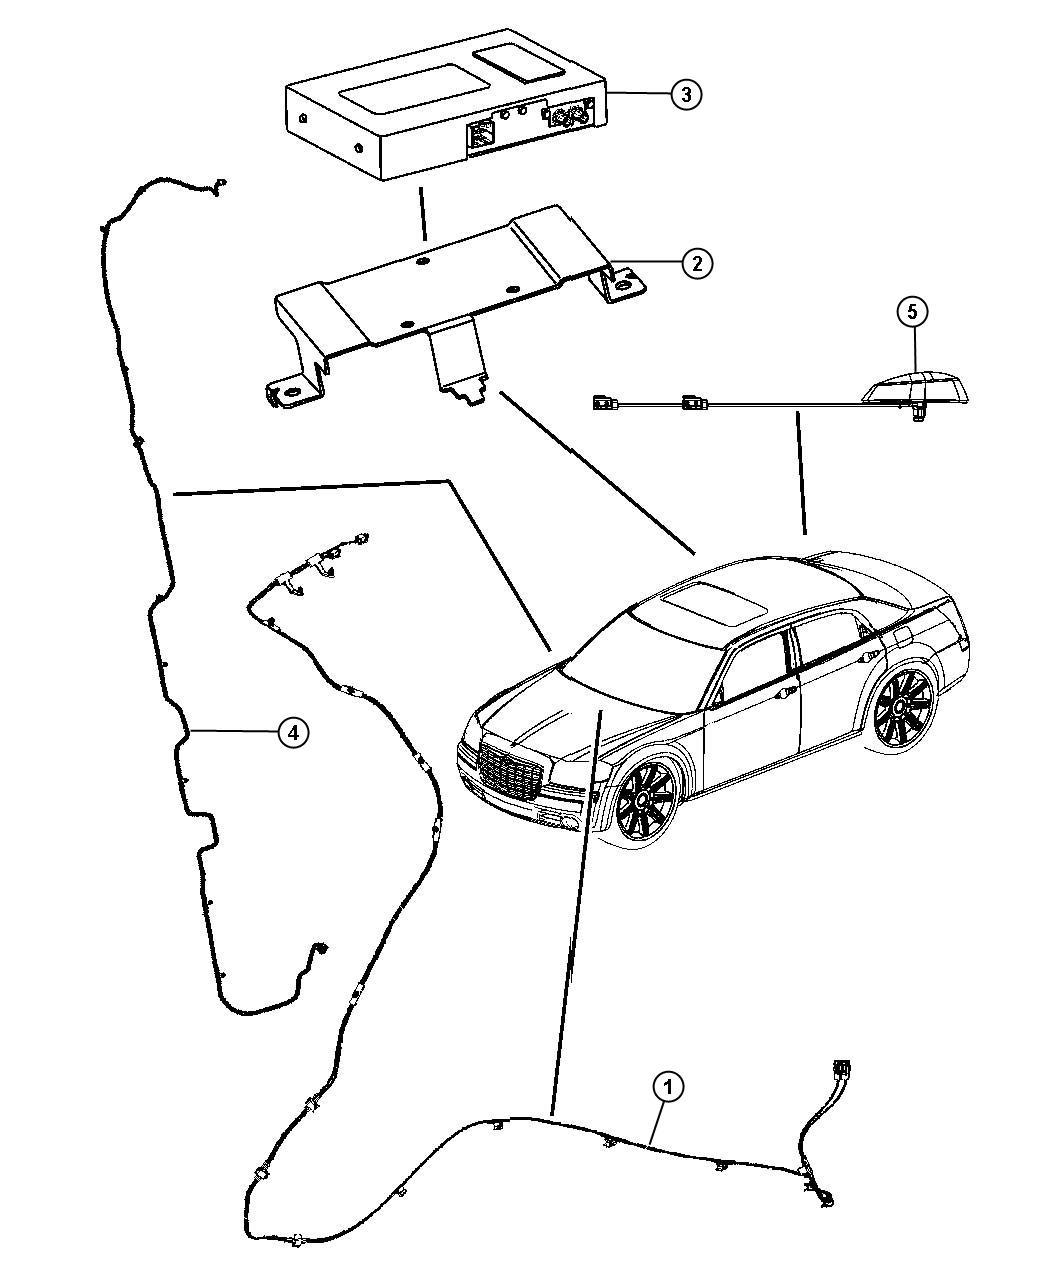 Chrysler 300 Cable. Antenna. [sirius backseat tv